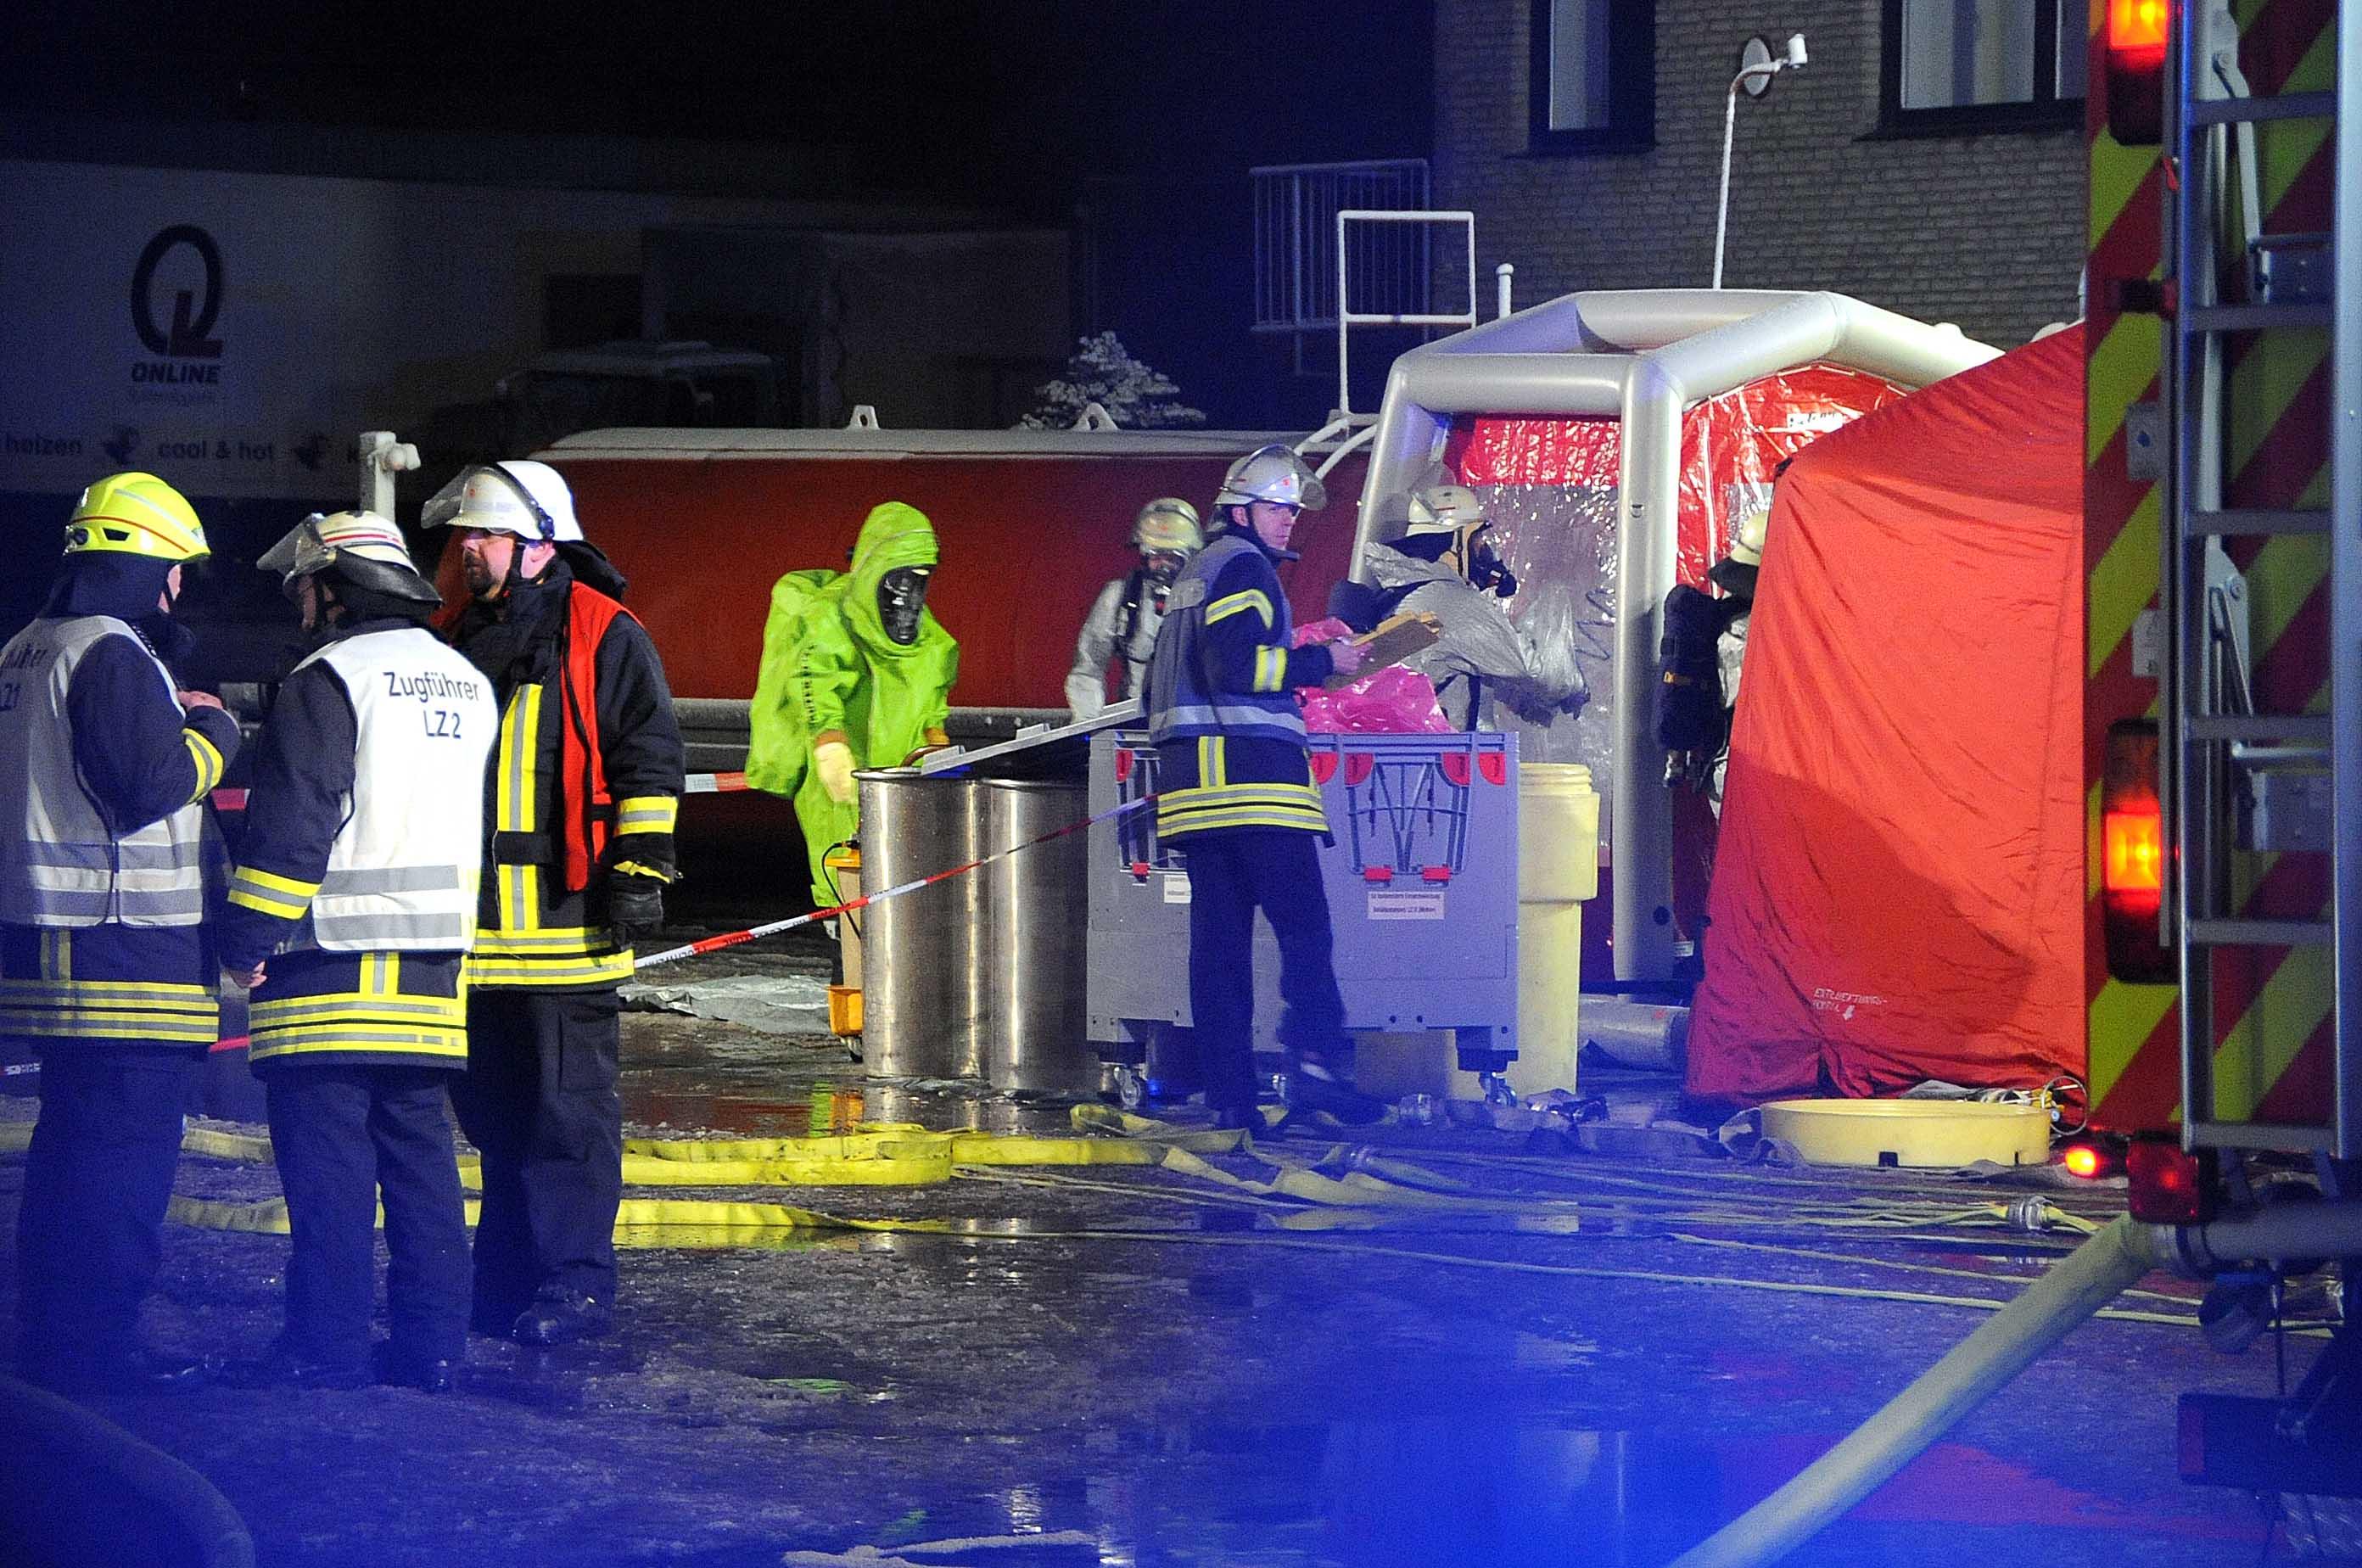 Die Feuerwehr Bergkamen half mit Schutzanzügen.